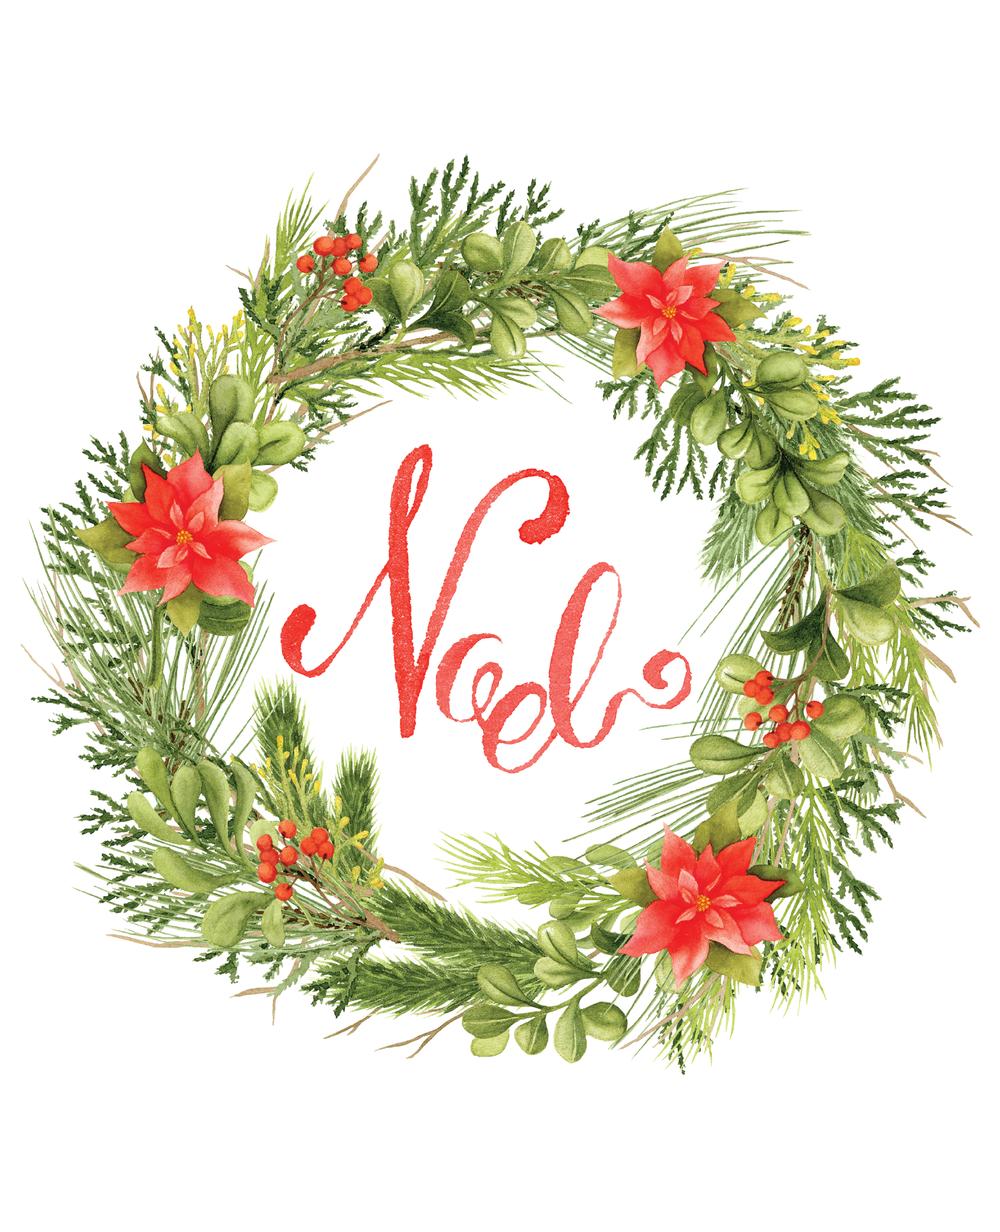 CHRISTMASWREATH-noel-04.png